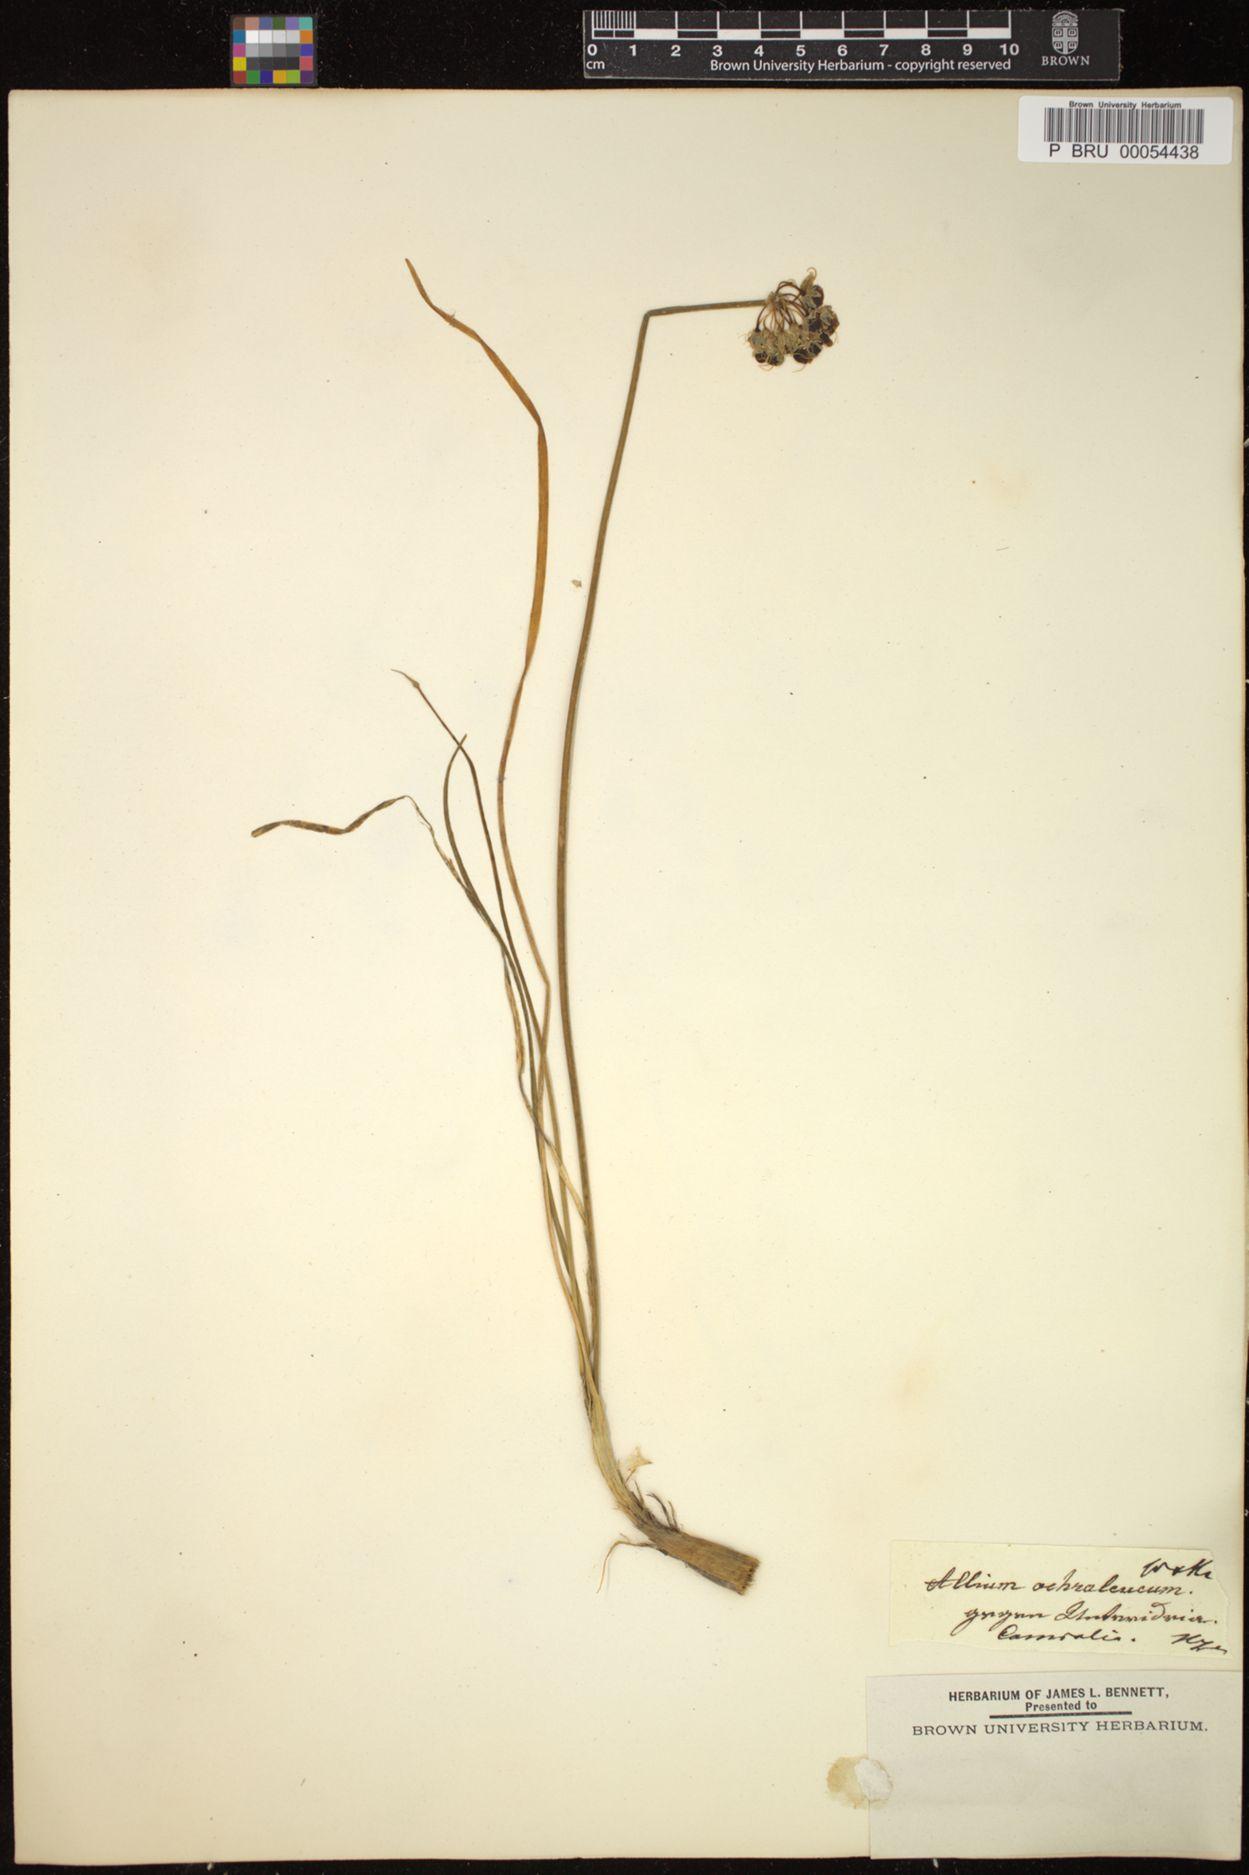 Allium ericetorum image